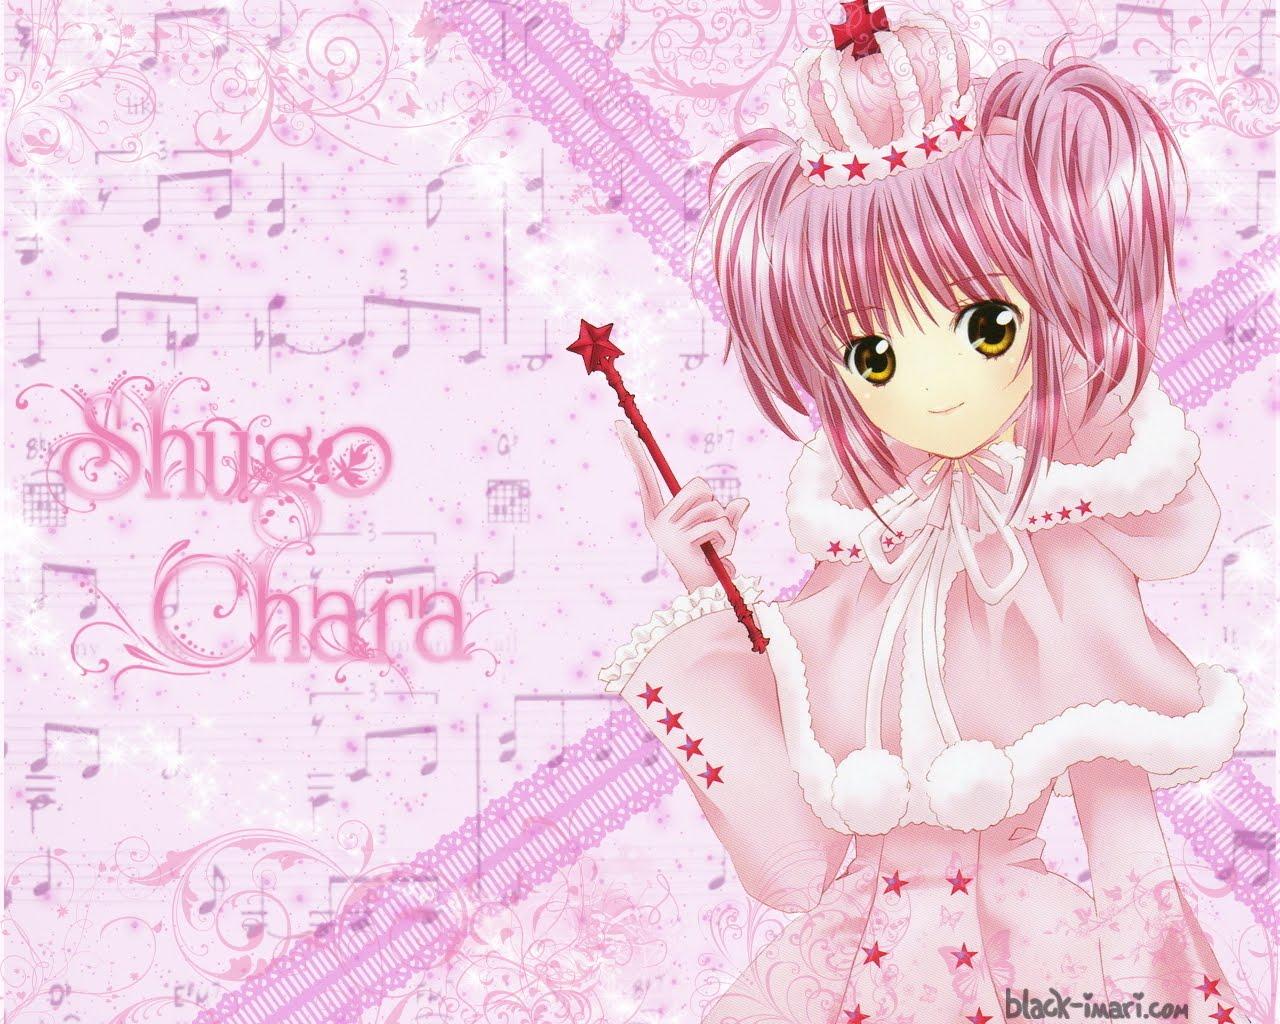 http://2.bp.blogspot.com/_DA0hsEHR5aI/TCO7BCyUKxI/AAAAAAAAABg/oWKF8Y8y1tw/s1600/Pink-Queen-shugo-chara-3013040-1280-1024.jpg